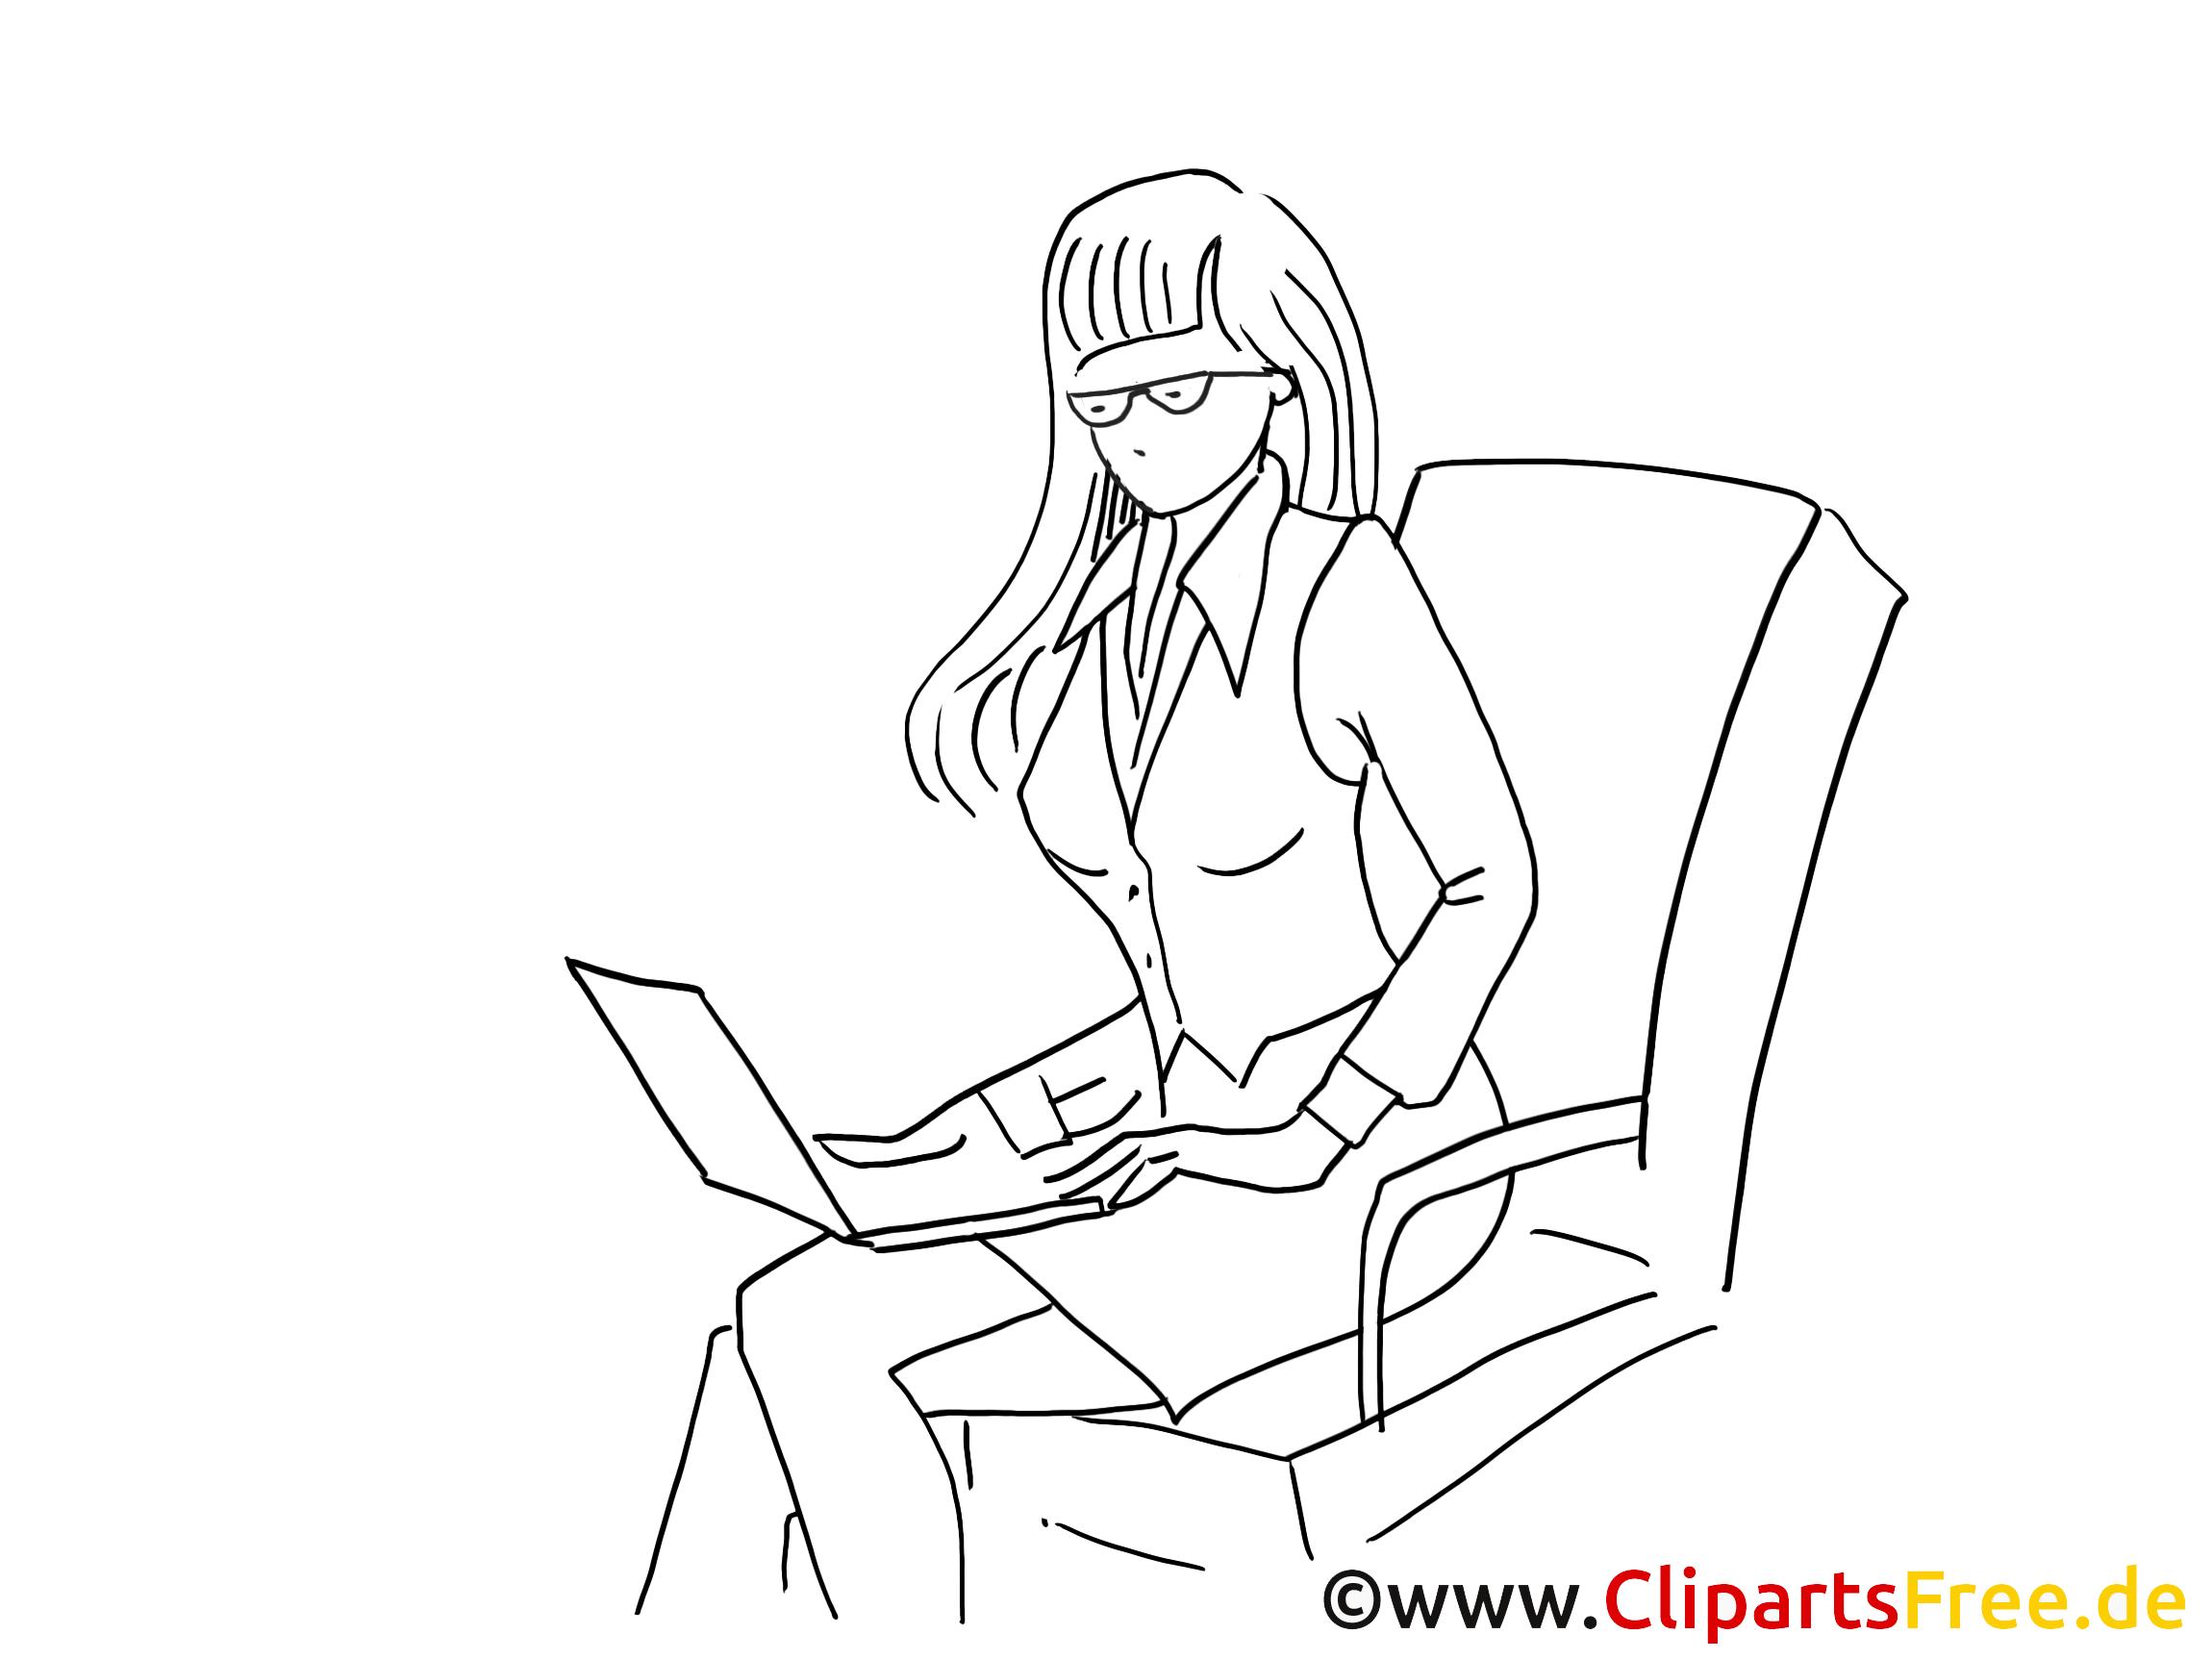 Femme d'affaire coloriage – Finances clipart